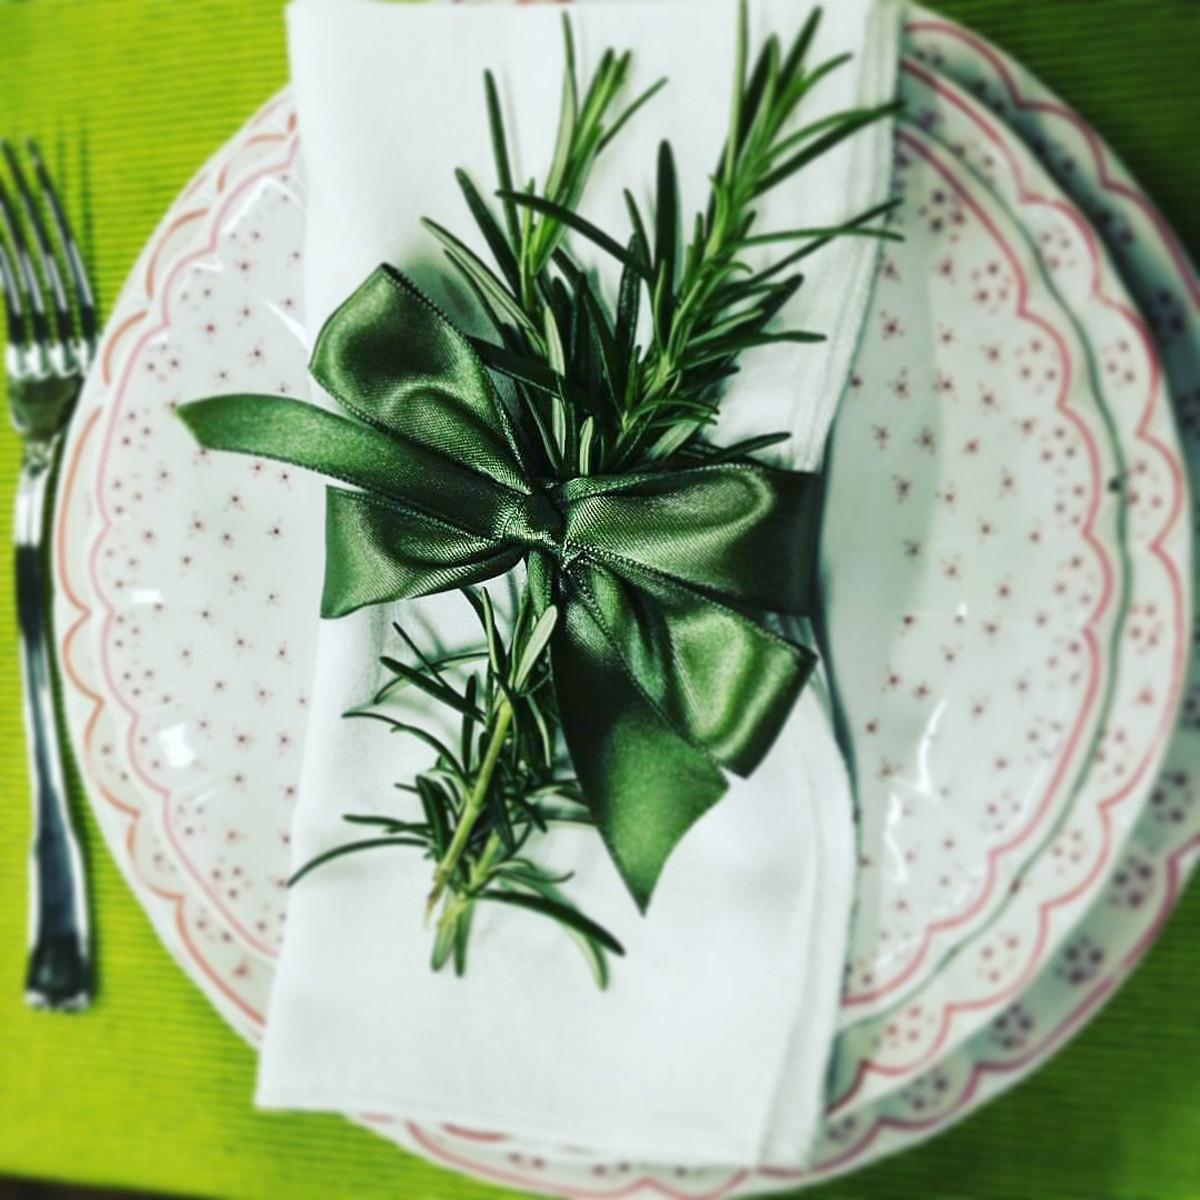 segnaposto erbe aromatiche brescia manerbio